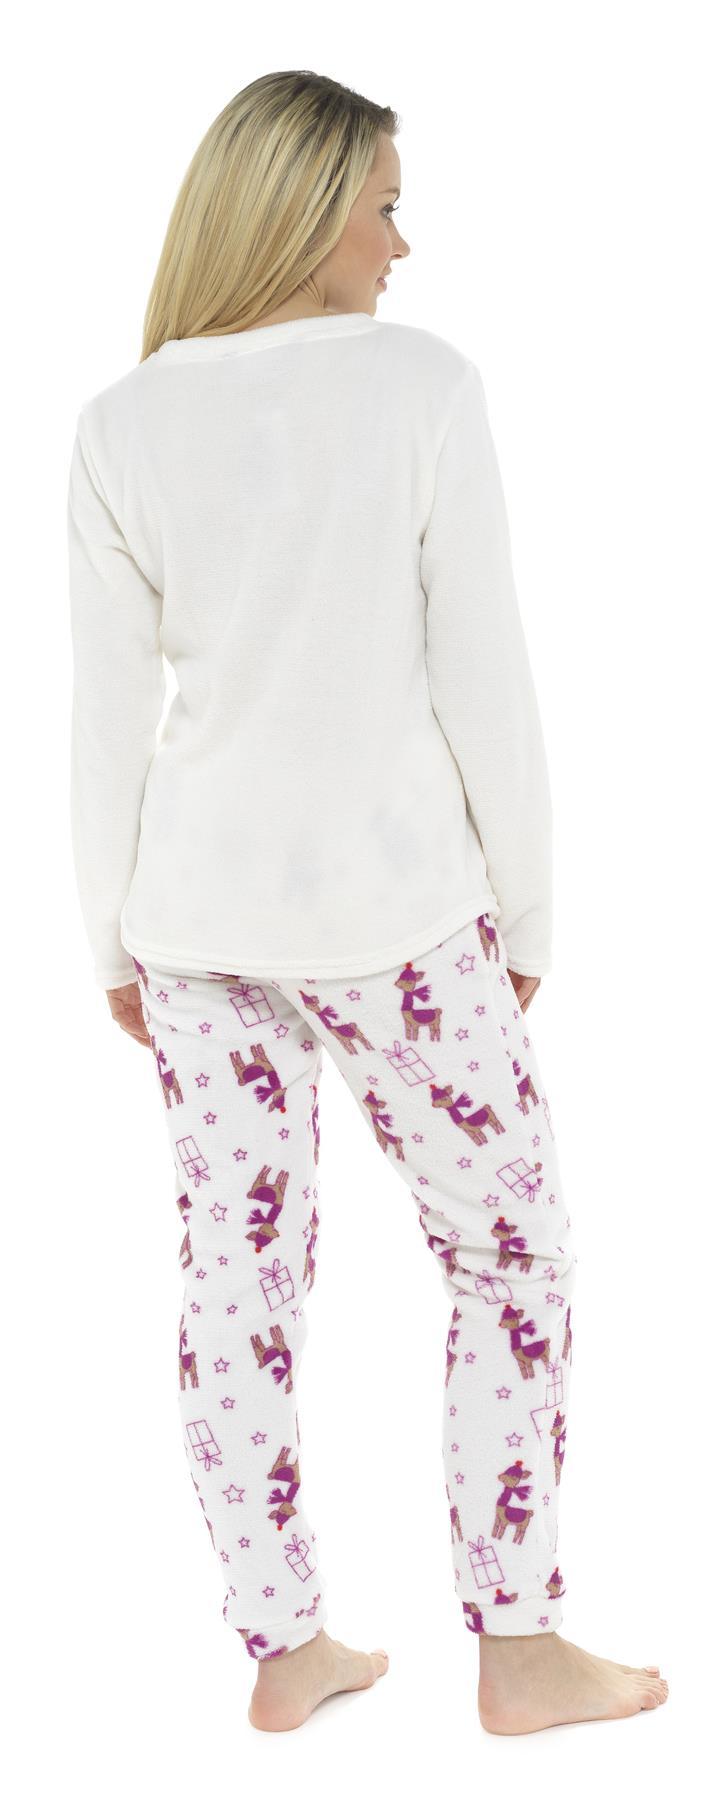 Femmes Filles Maman Fille Assortis Nouveauté Doux Peluche Micro Polaire Pyjama Cadeau